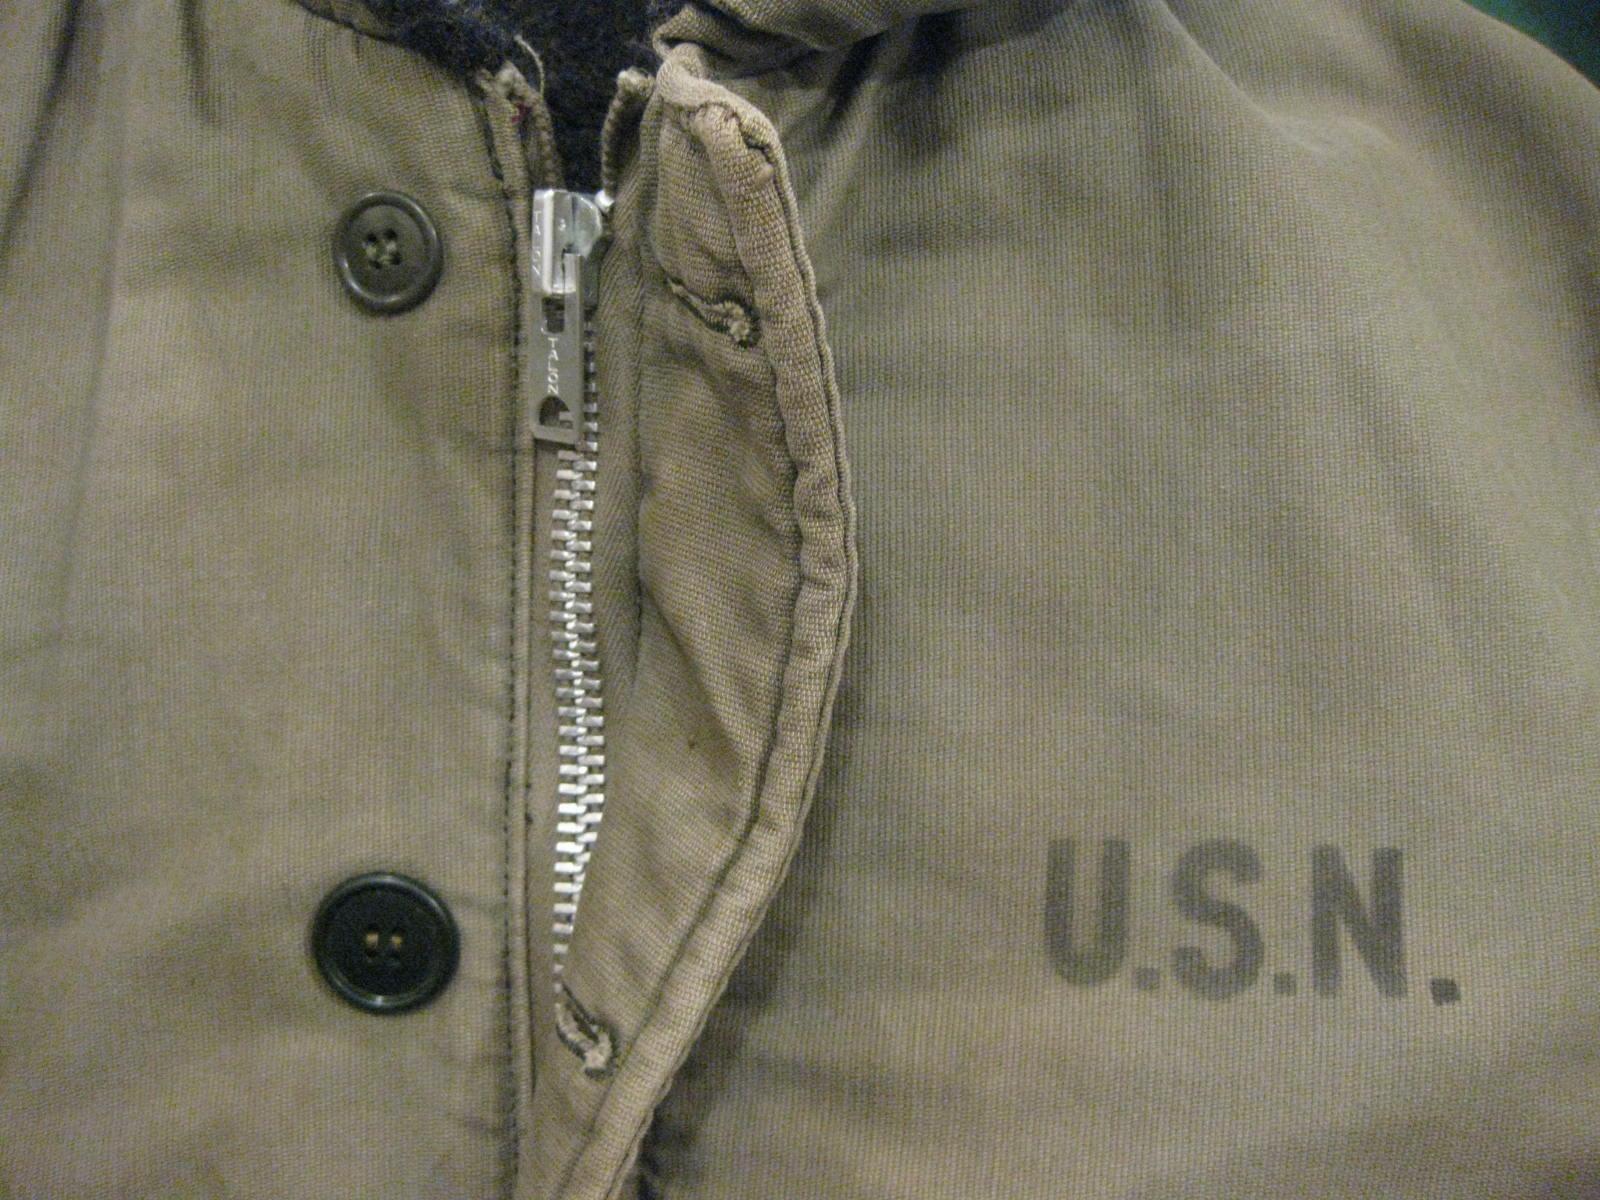 『軍モノ』_a0117545_19354172.jpg